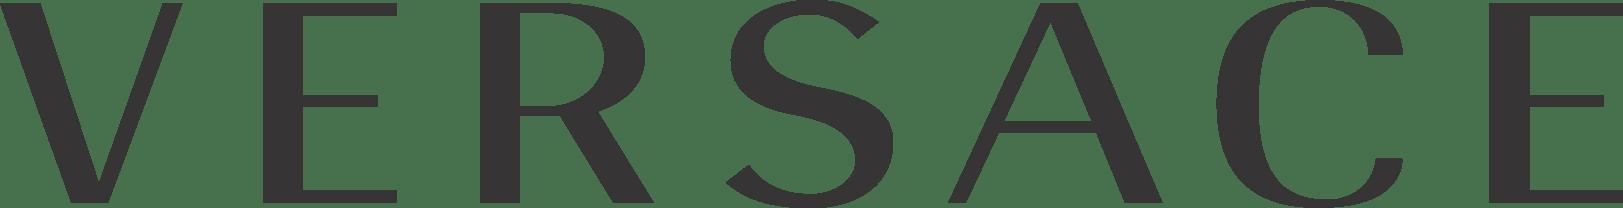 https://ik.imagekit.io/657zfducf/image/data/sunglasshut/29-10-logo-brand/versace.png